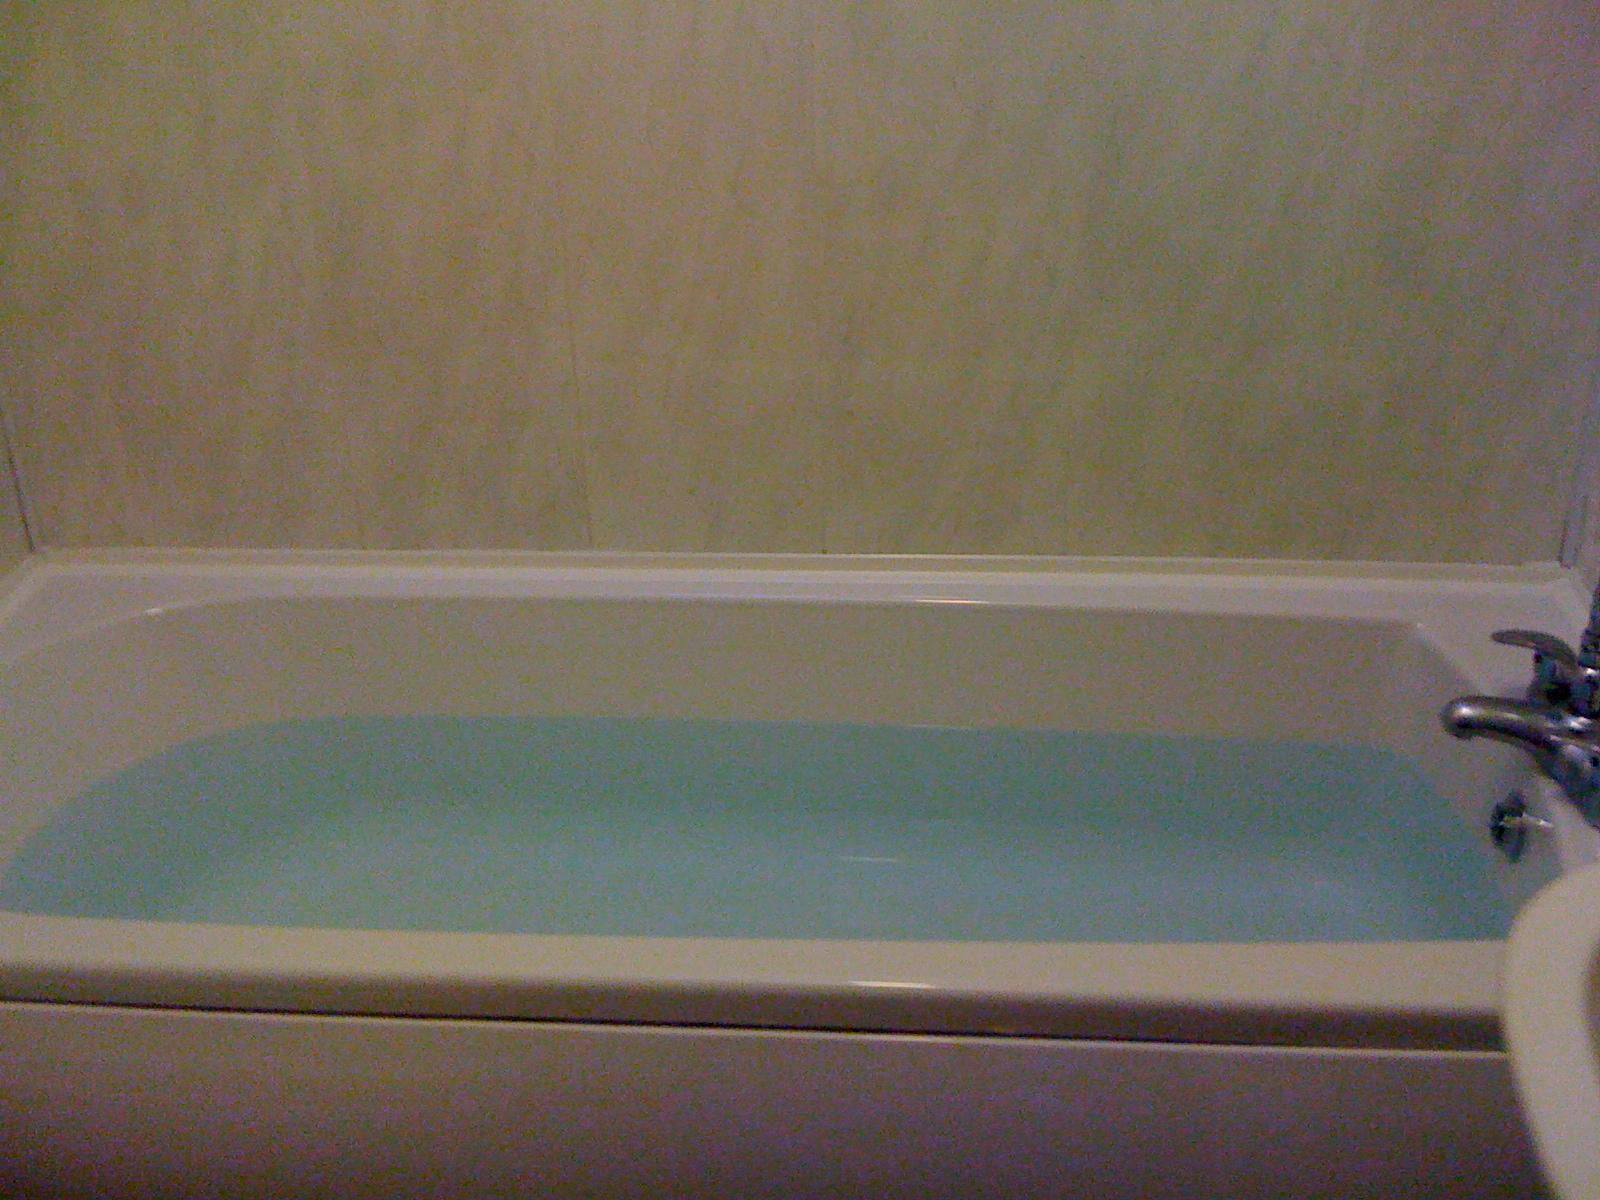 http://1.bp.blogspot.com/-R7qM_BJ6Zow/T1W2d5BLaOI/AAAAAAAAAJQ/qfrx665xiQs/s1600/blog+pictures+061.jpg